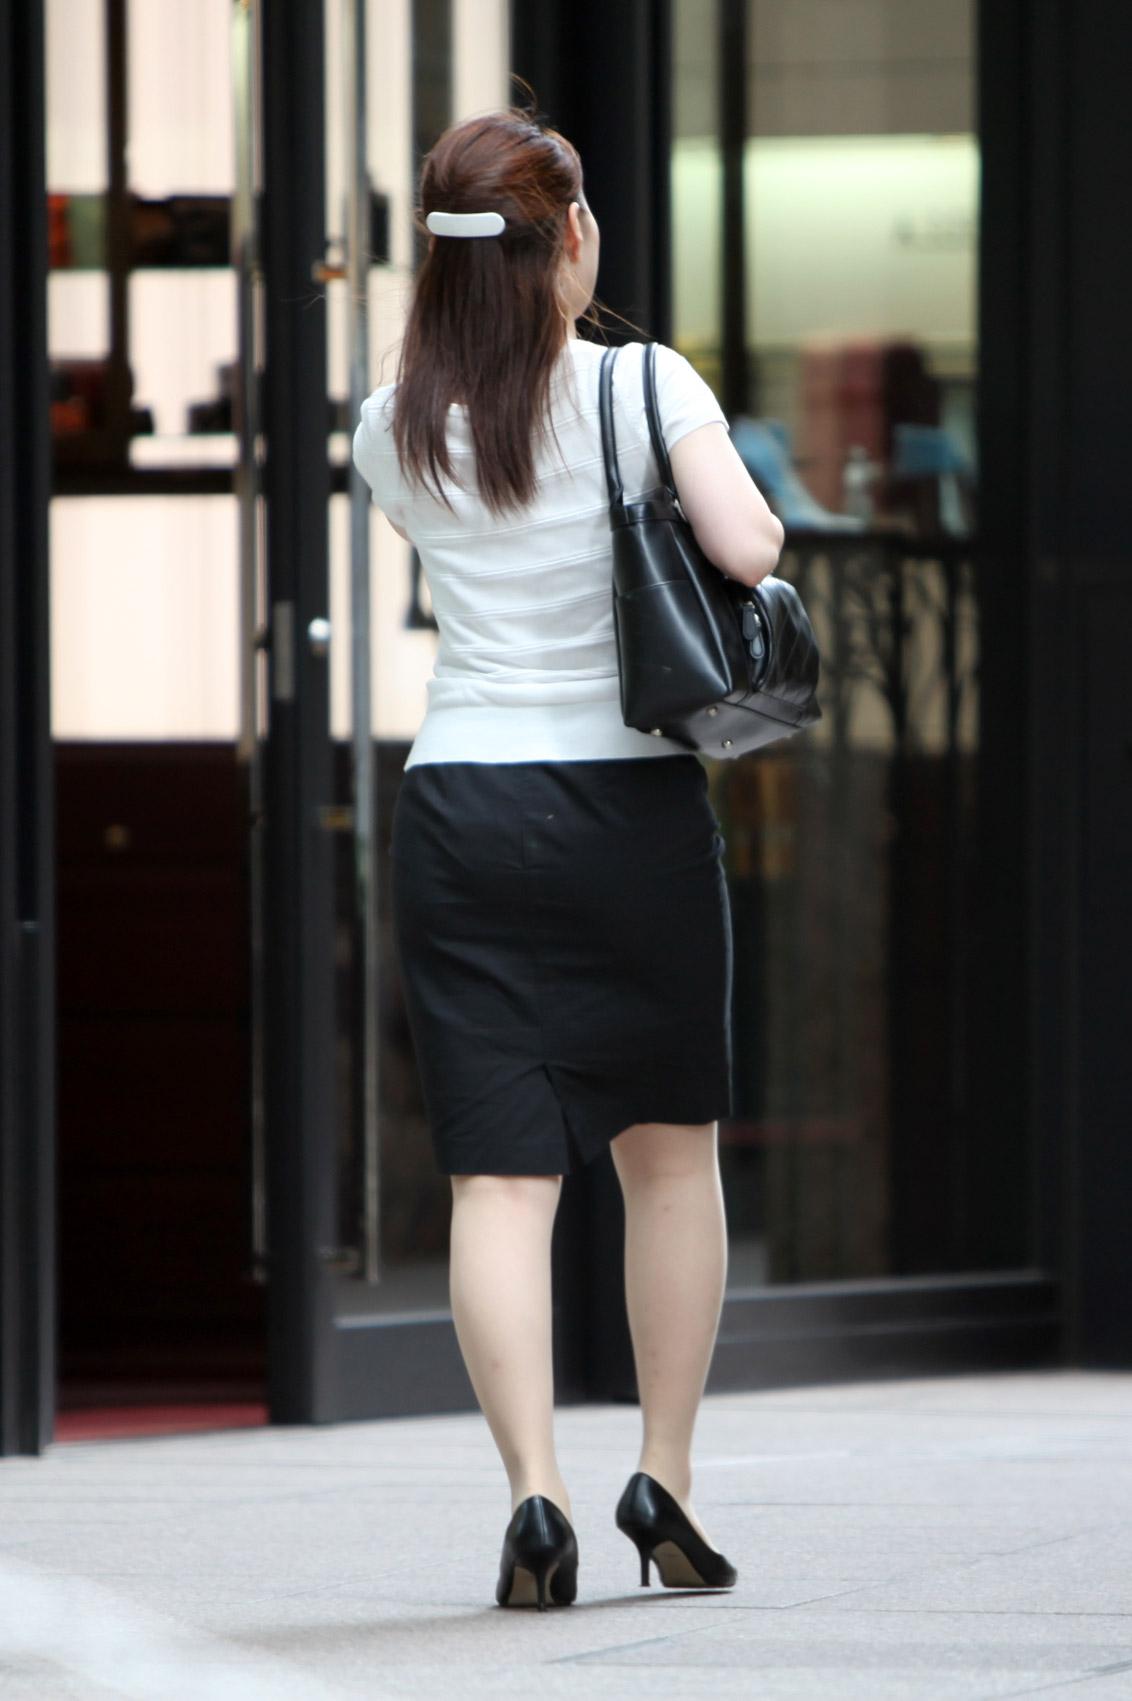 【街撮りOL画像】思わず追跡したwwwタイトスカートに包まれたムチムチ尻 19